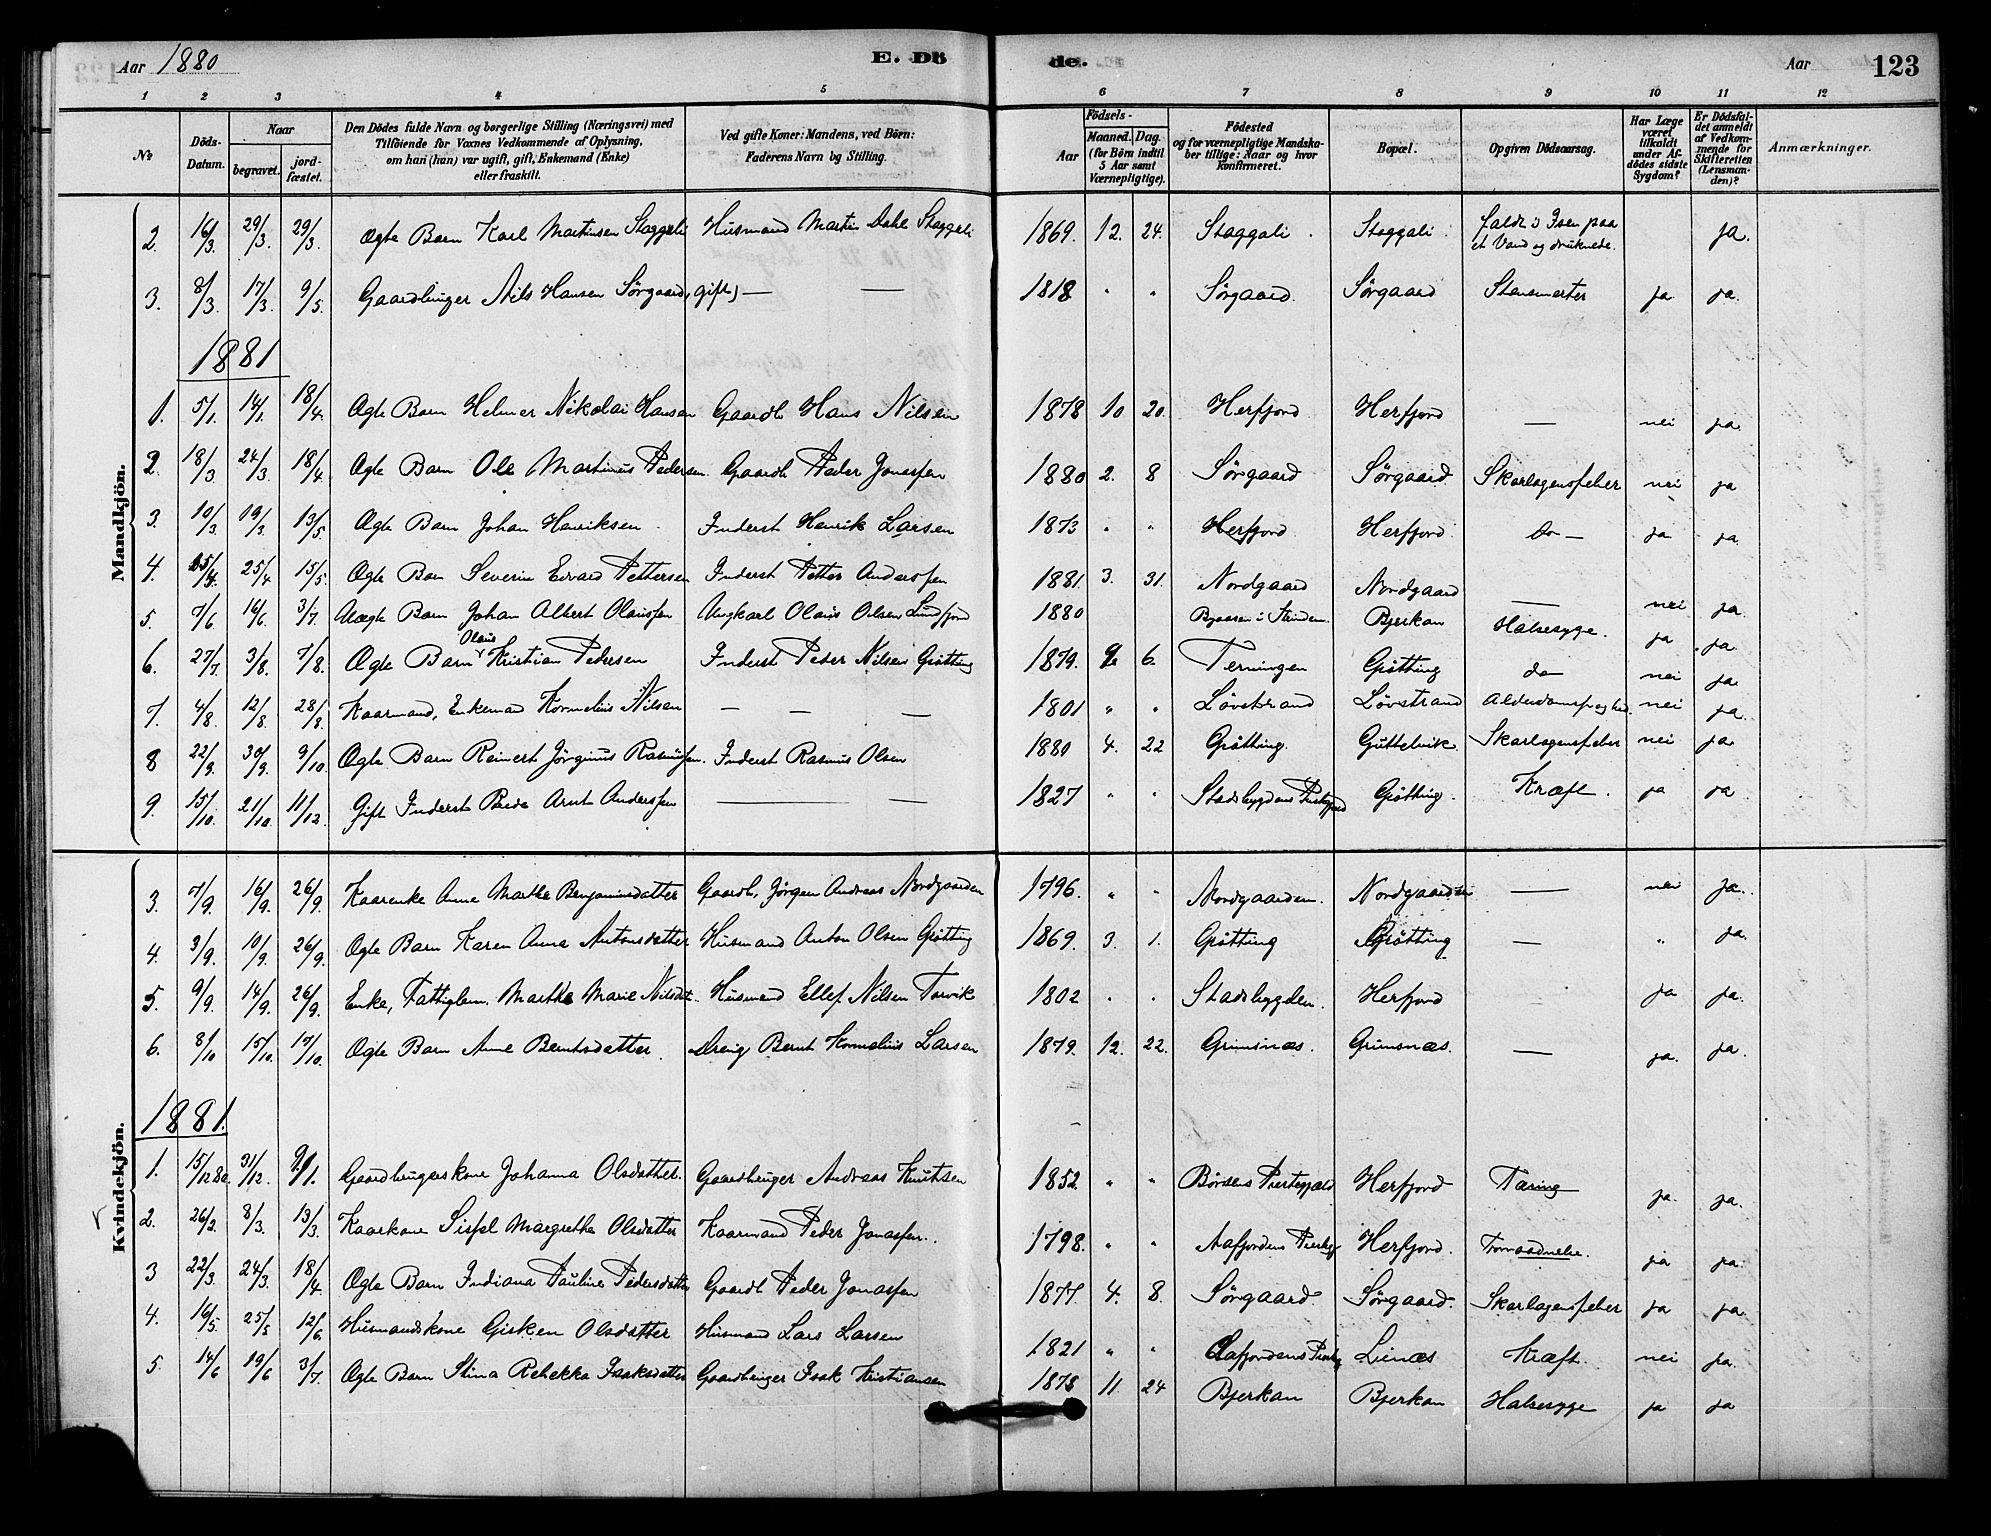 SAT, Ministerialprotokoller, klokkerbøker og fødselsregistre - Sør-Trøndelag, 656/L0692: Ministerialbok nr. 656A01, 1879-1893, s. 123